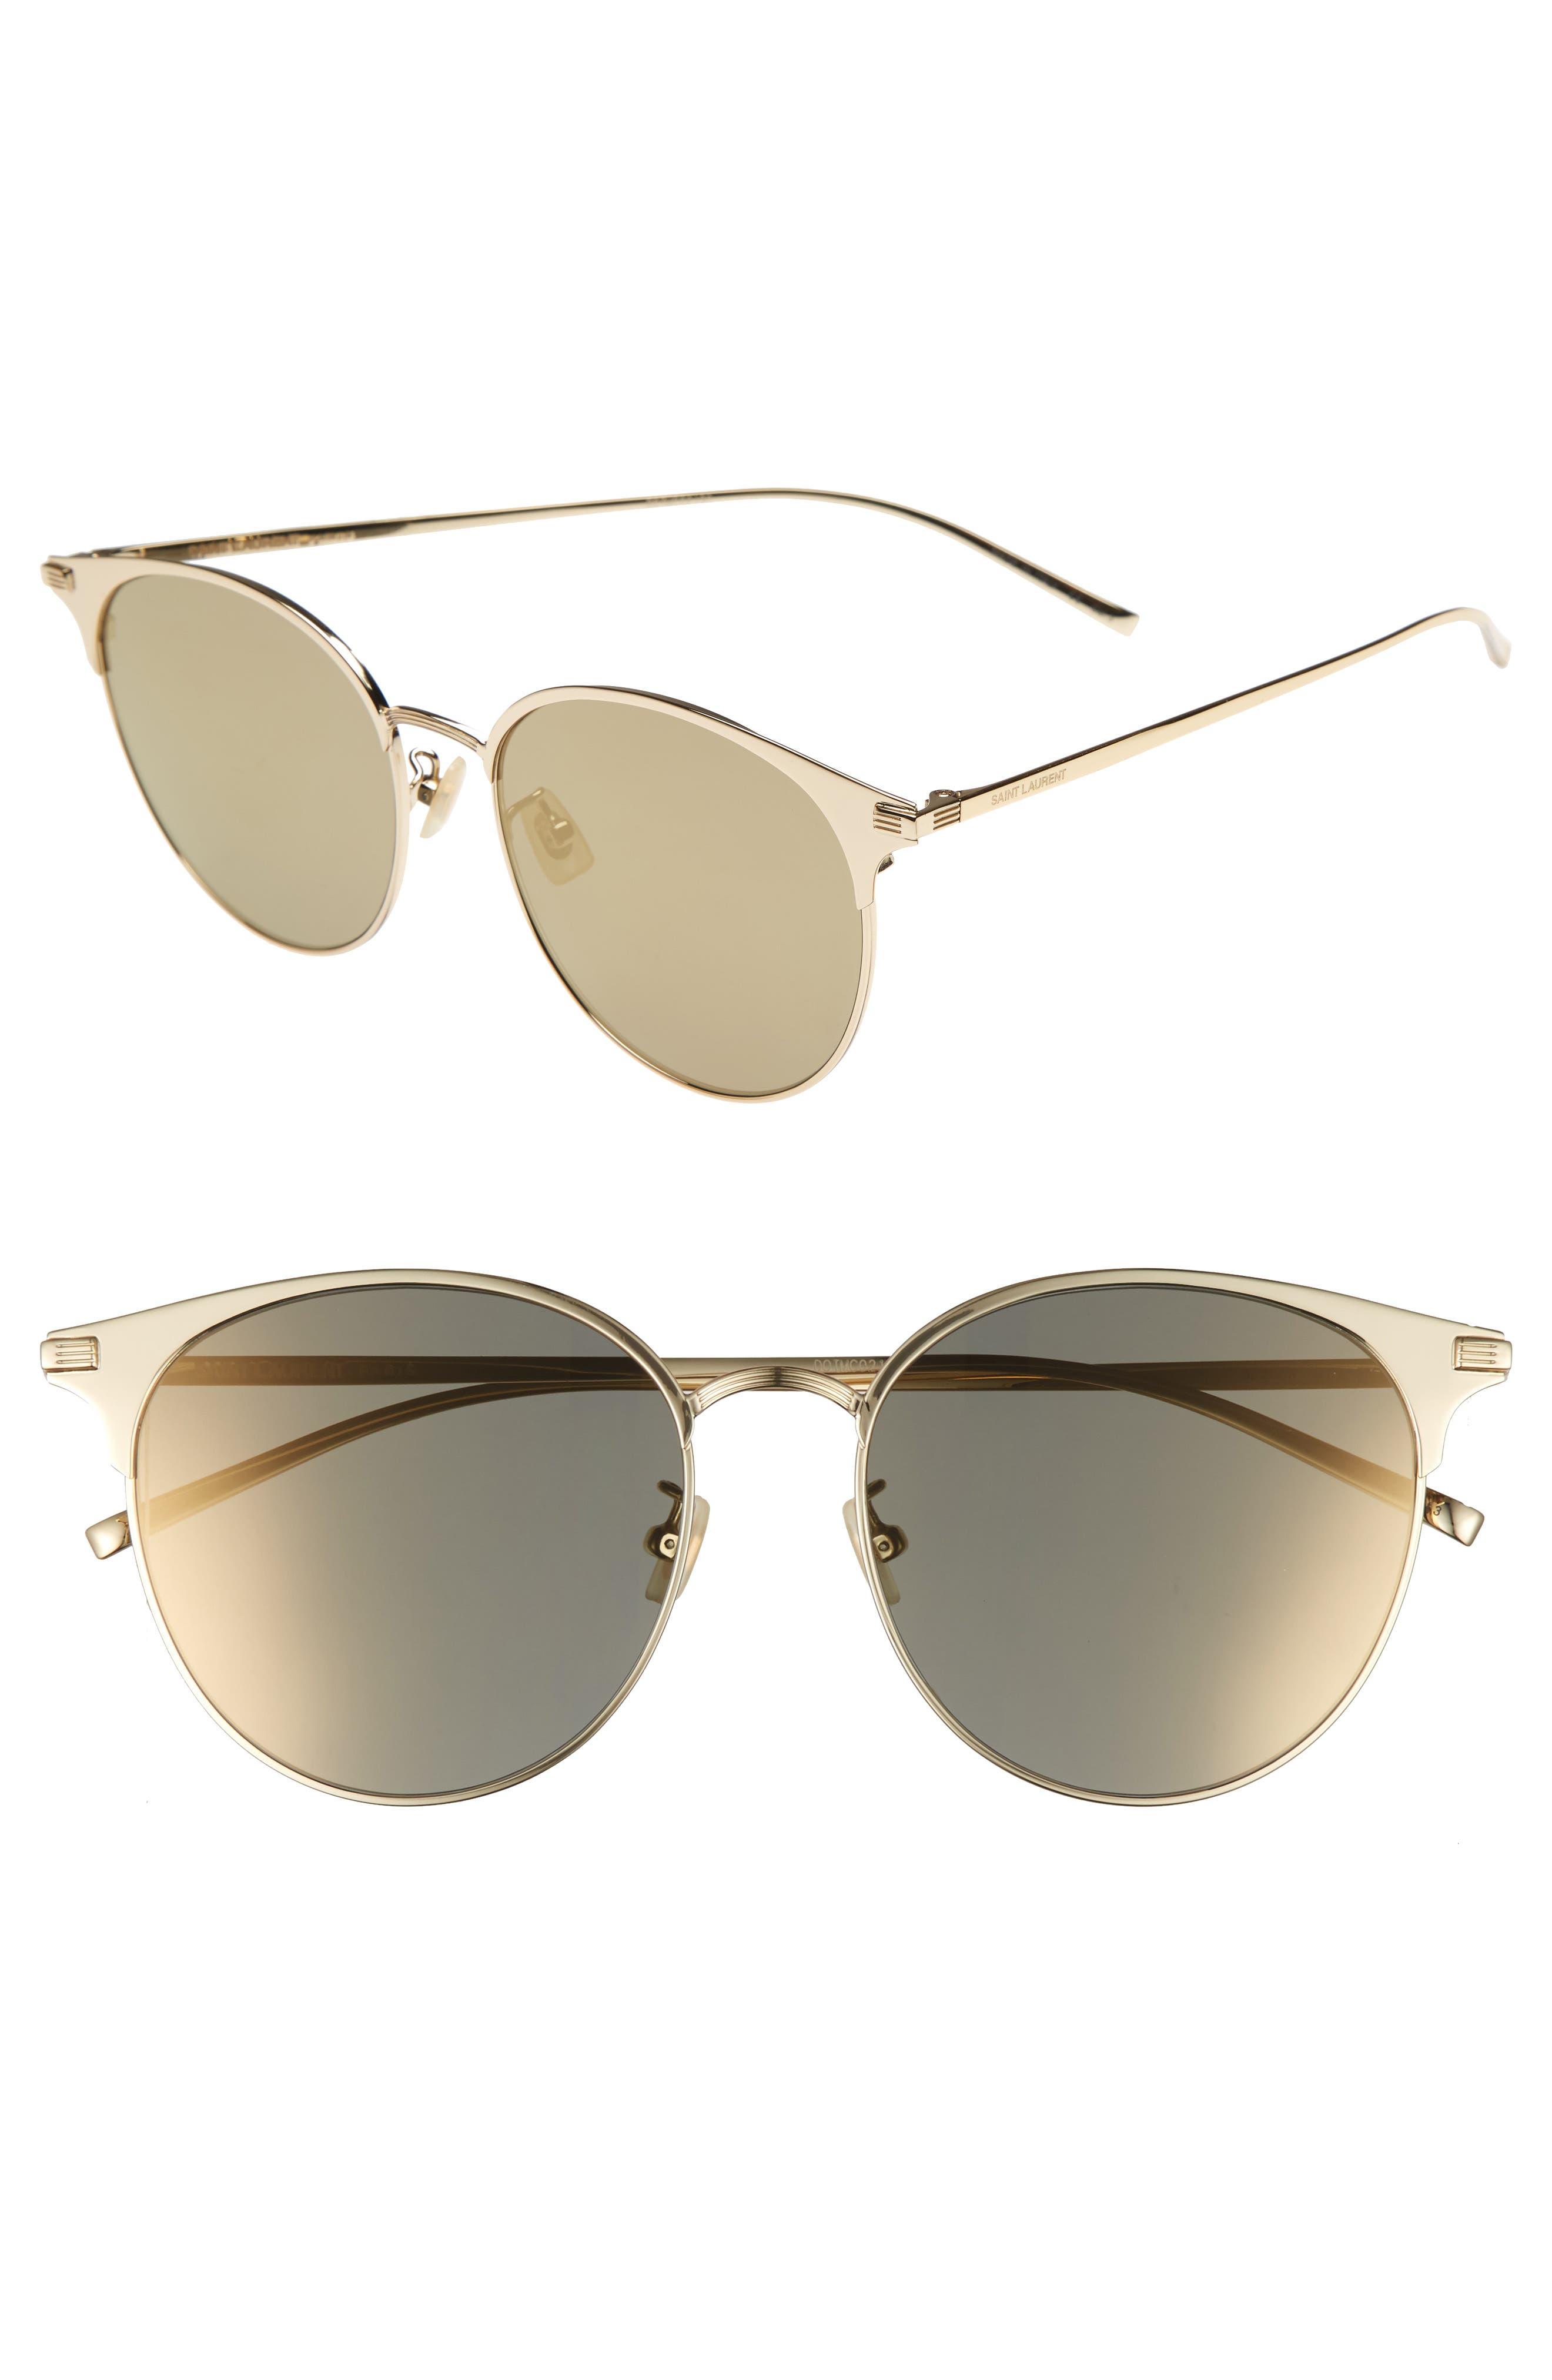 Saint Laurent 57mm Sunglasses